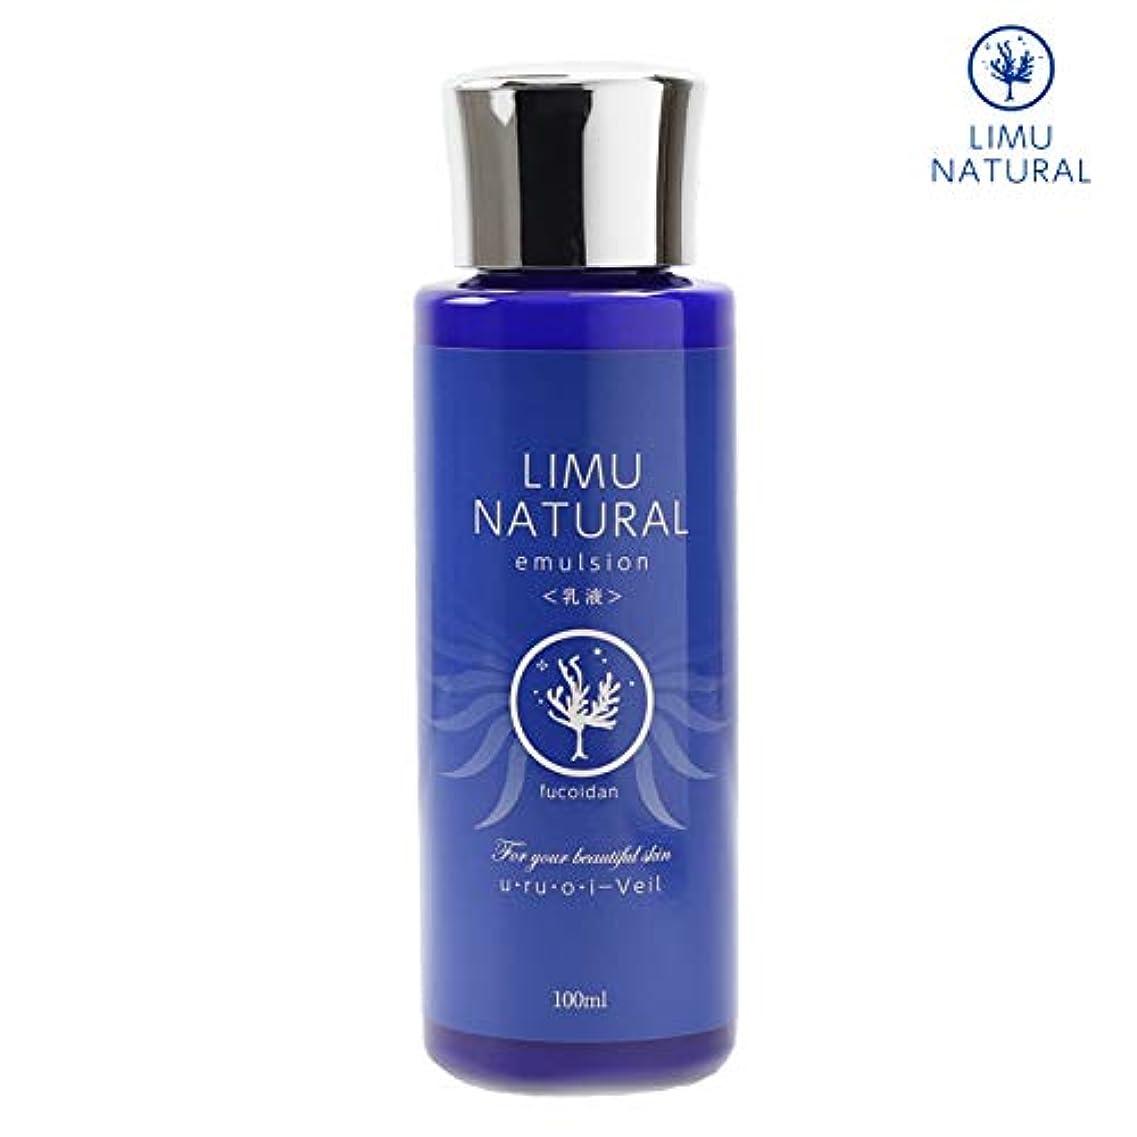 愛国的な裏切り者コメントリムナチュラル 乳液 LIMU NATURAL EMULSION (100ml) 海の恵「フコイダン」と大地の恵「グリセリルグルコシド」を贅沢に配合